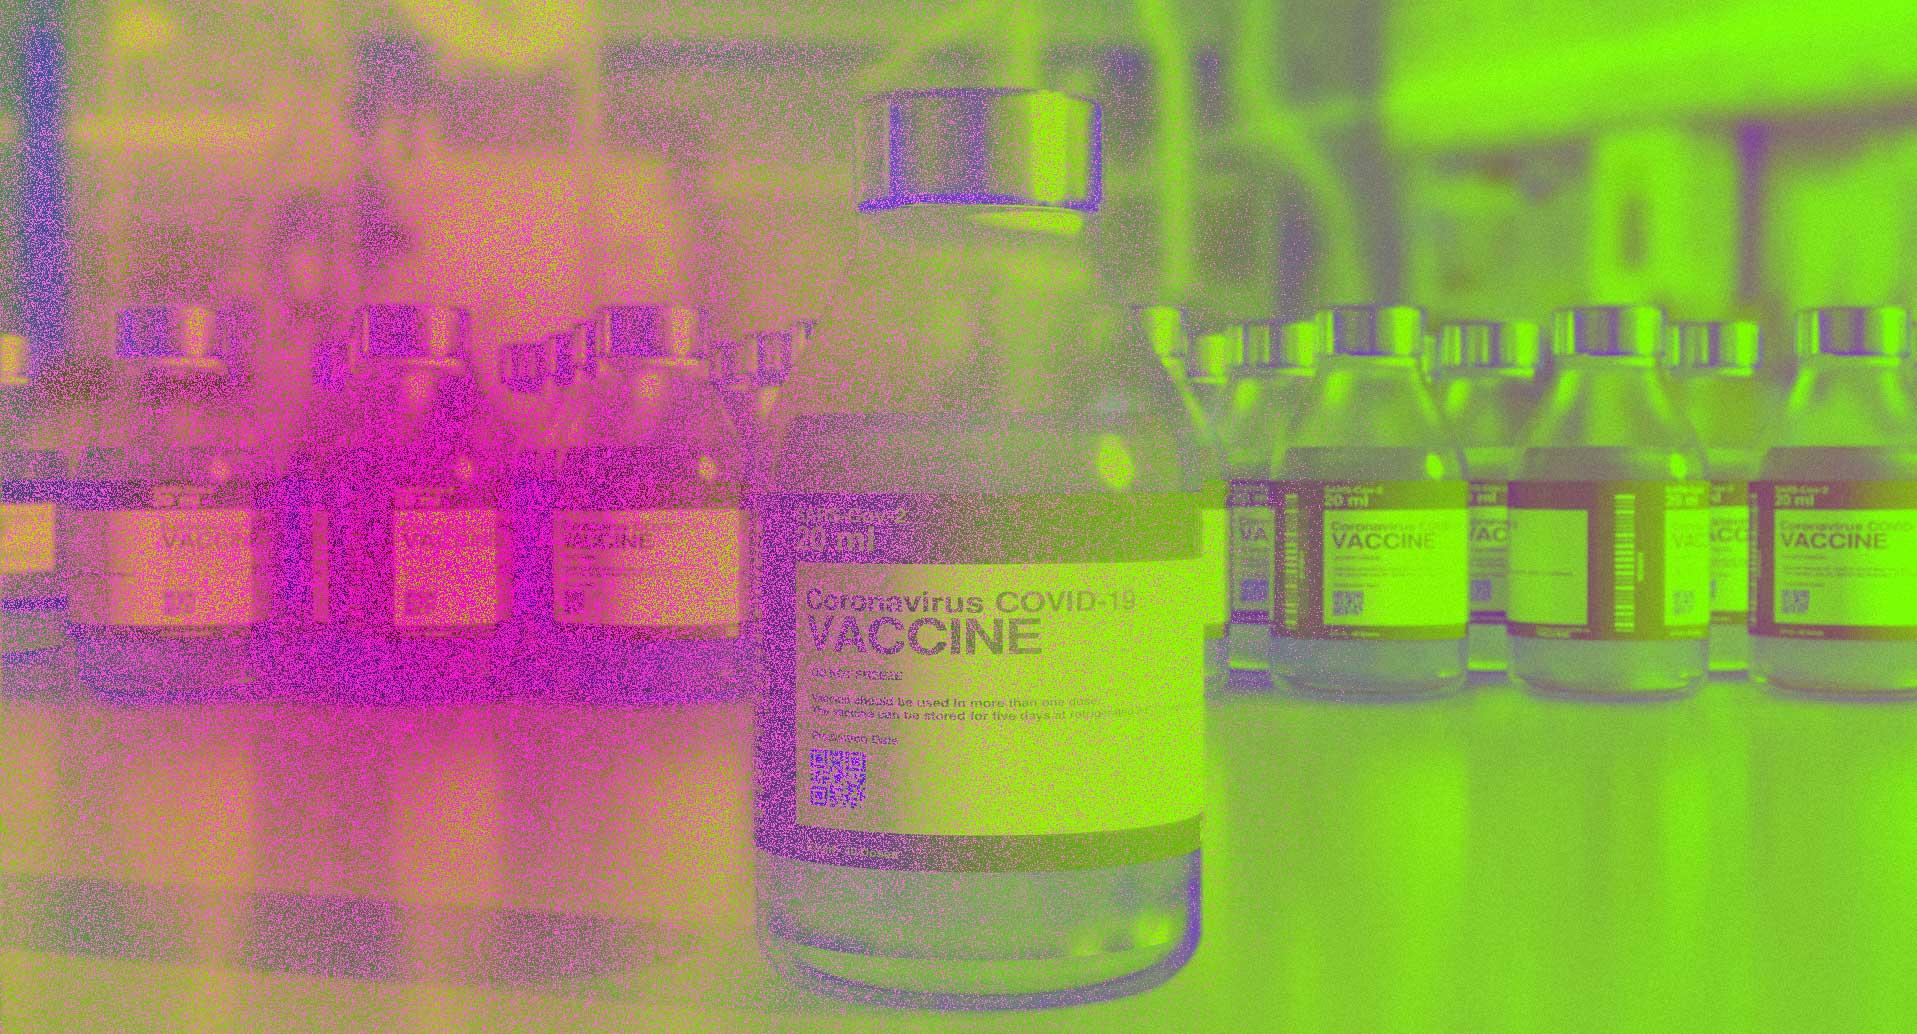 Богатые страны закупили почти половину всех вакцин от коронавируса. Могут ли бедные страны остаться без вакцин?